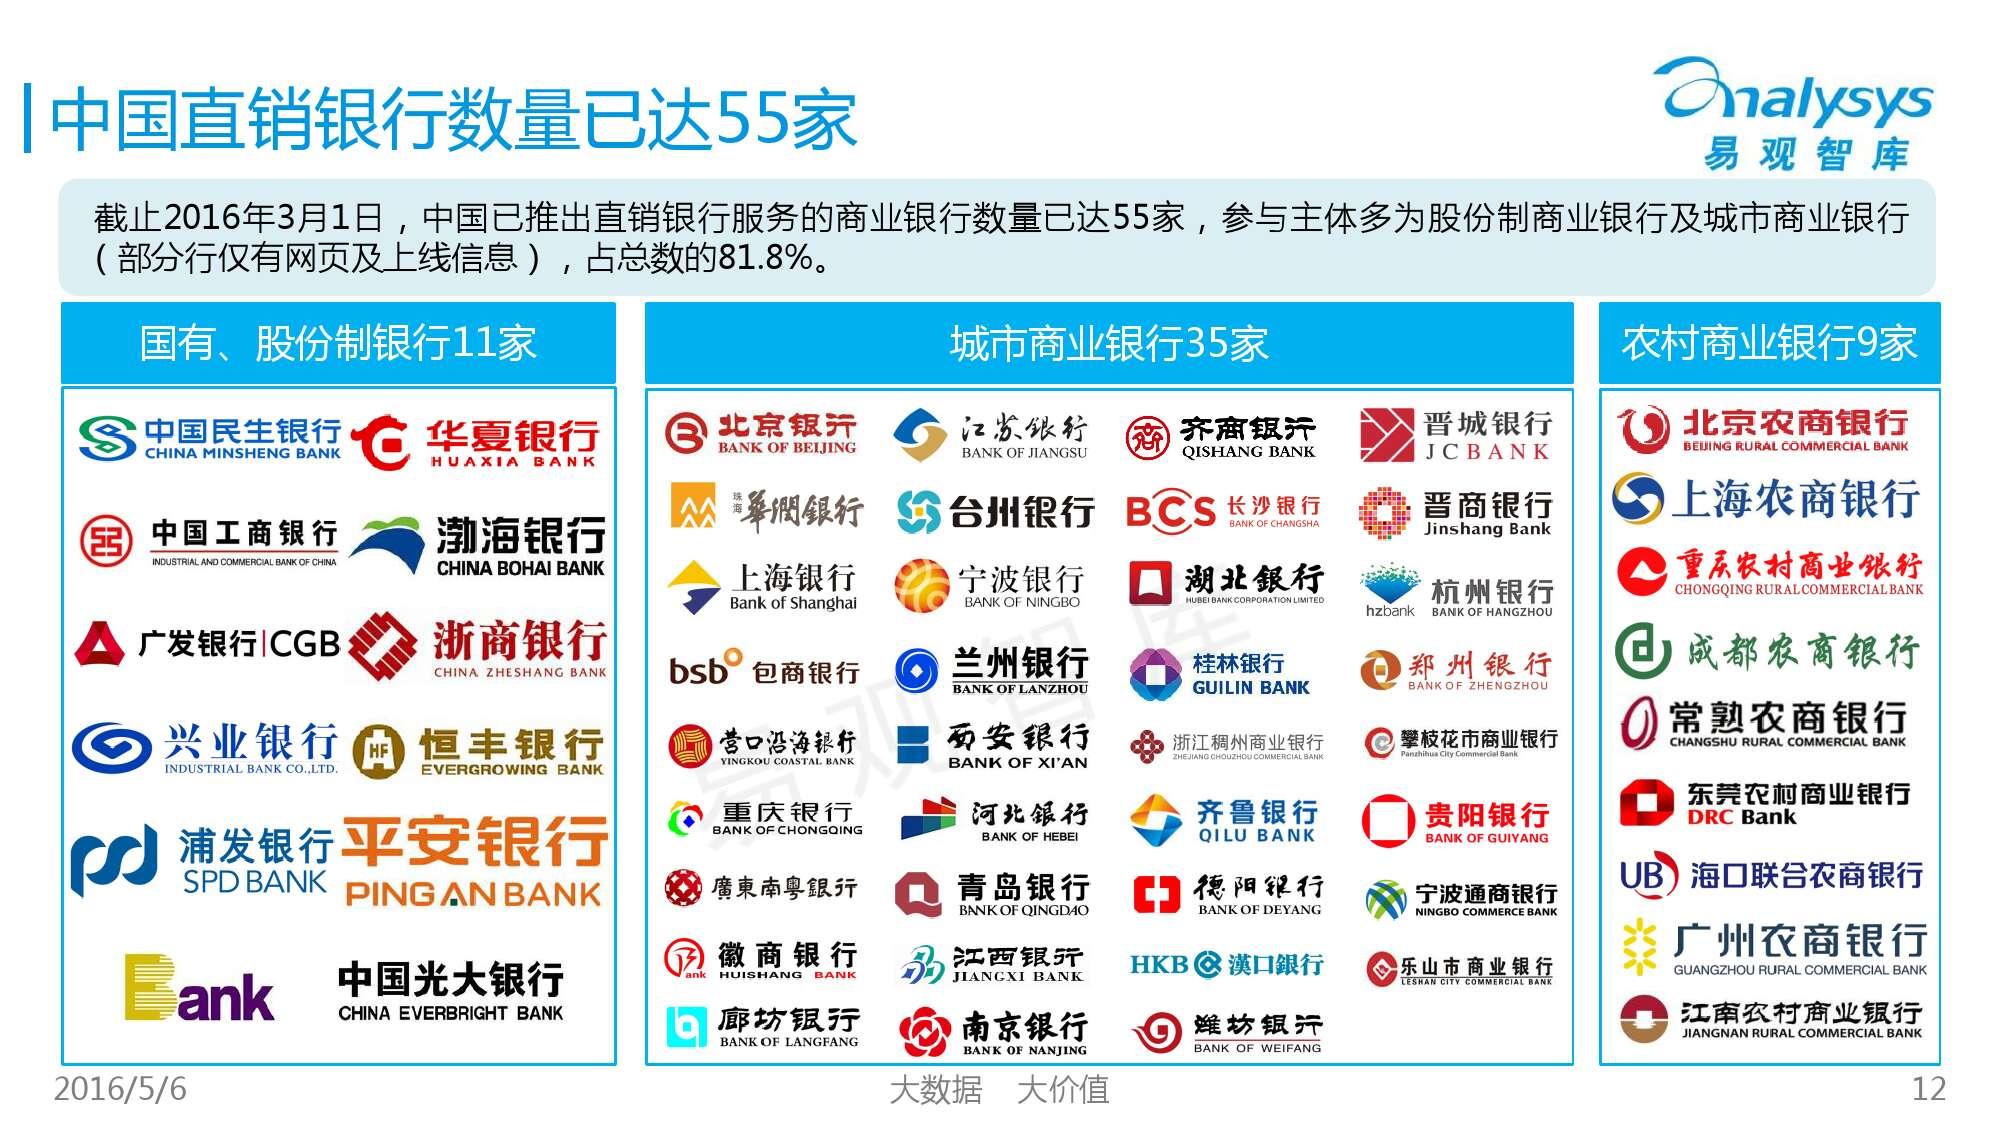 2016年中国直销银行市场专题研究报告_000012